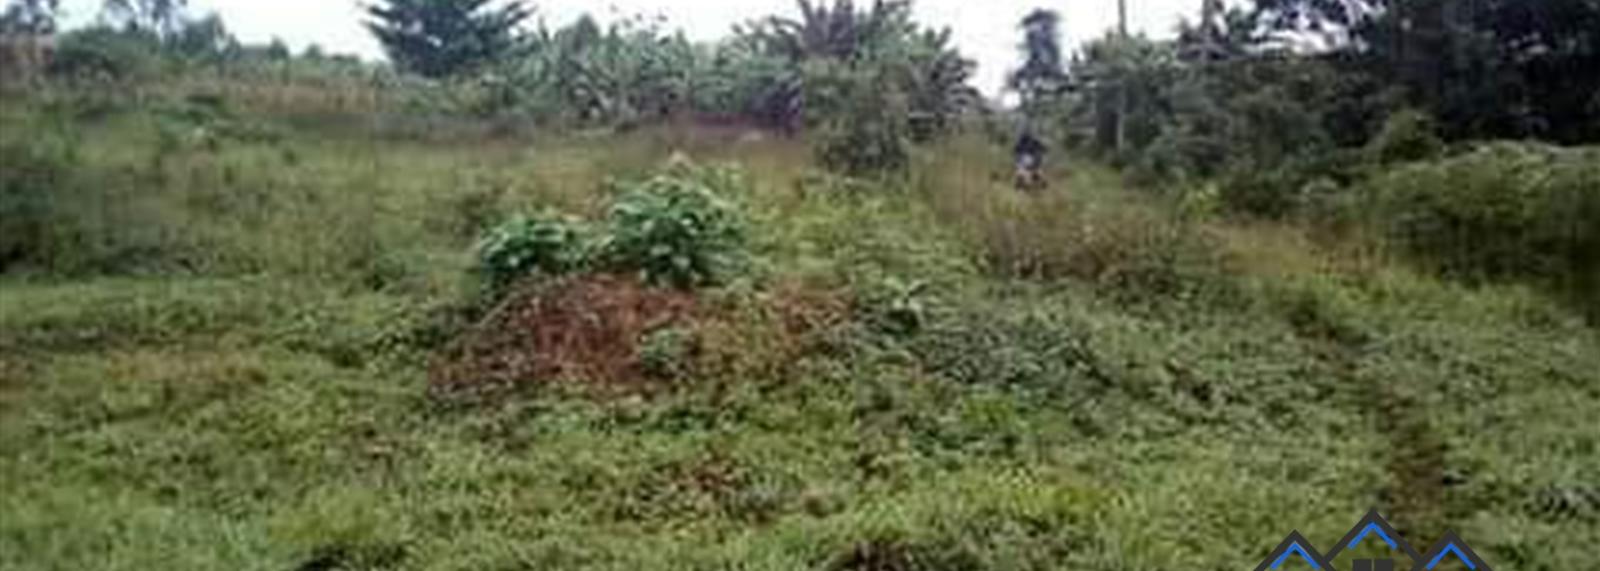 Mukiyungu